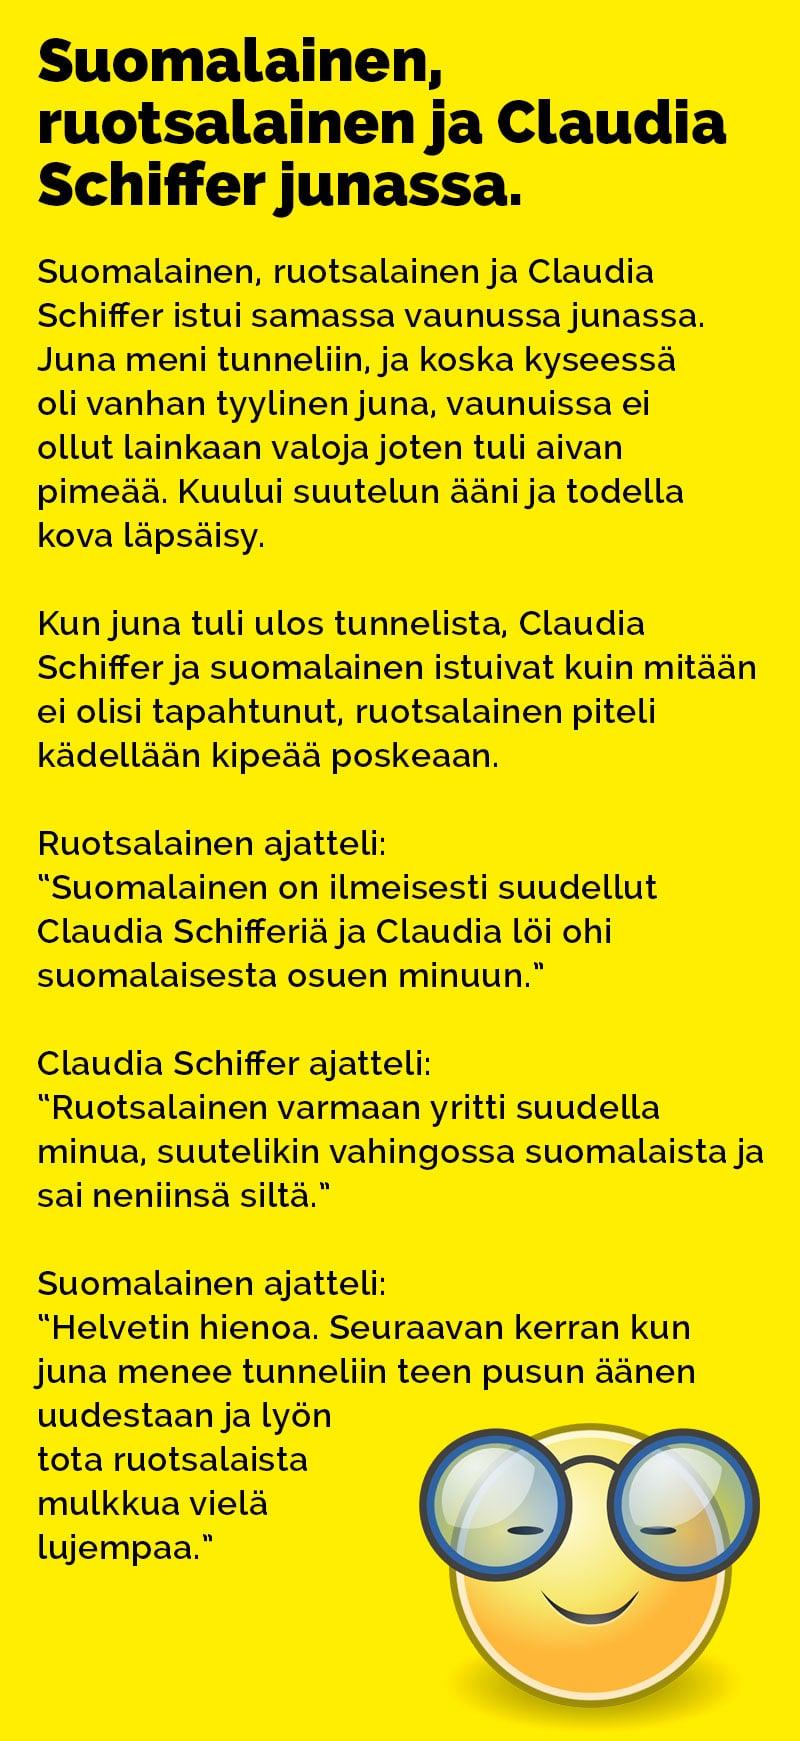 suomalainen_ruotsalainen_claudia_2